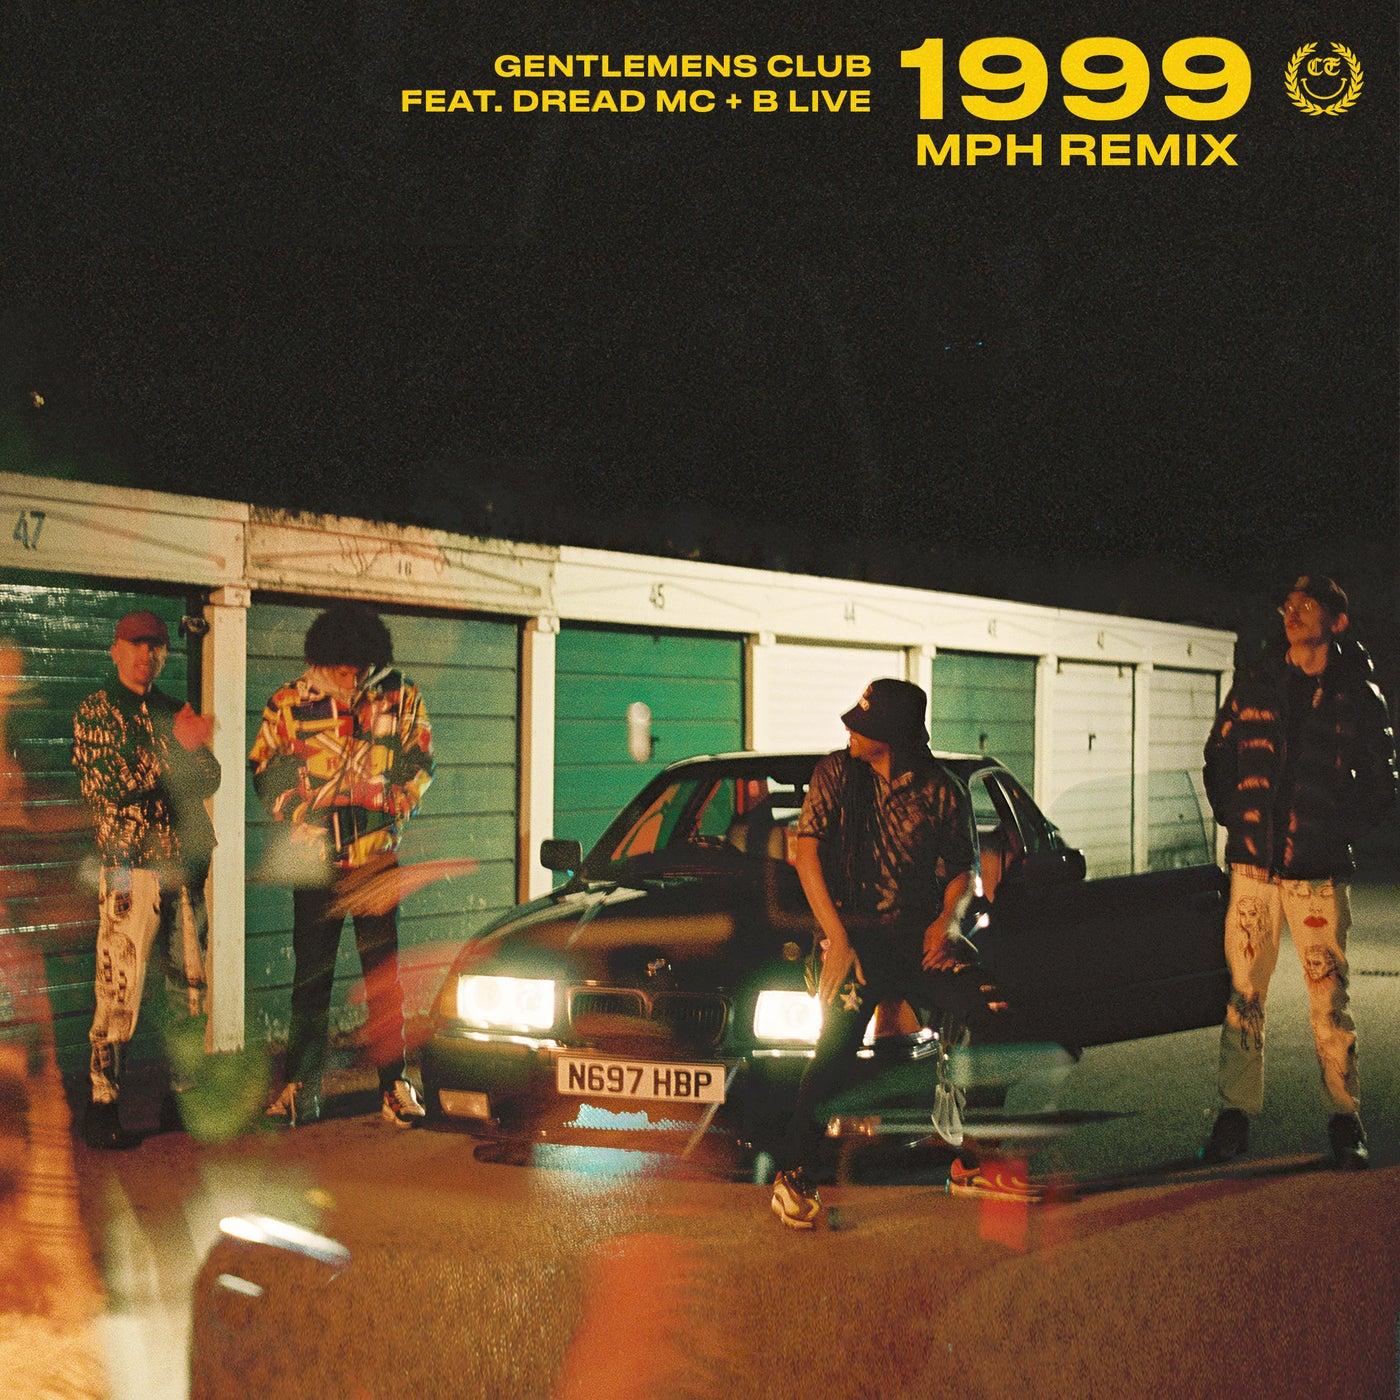 1999 (MPH Remix)